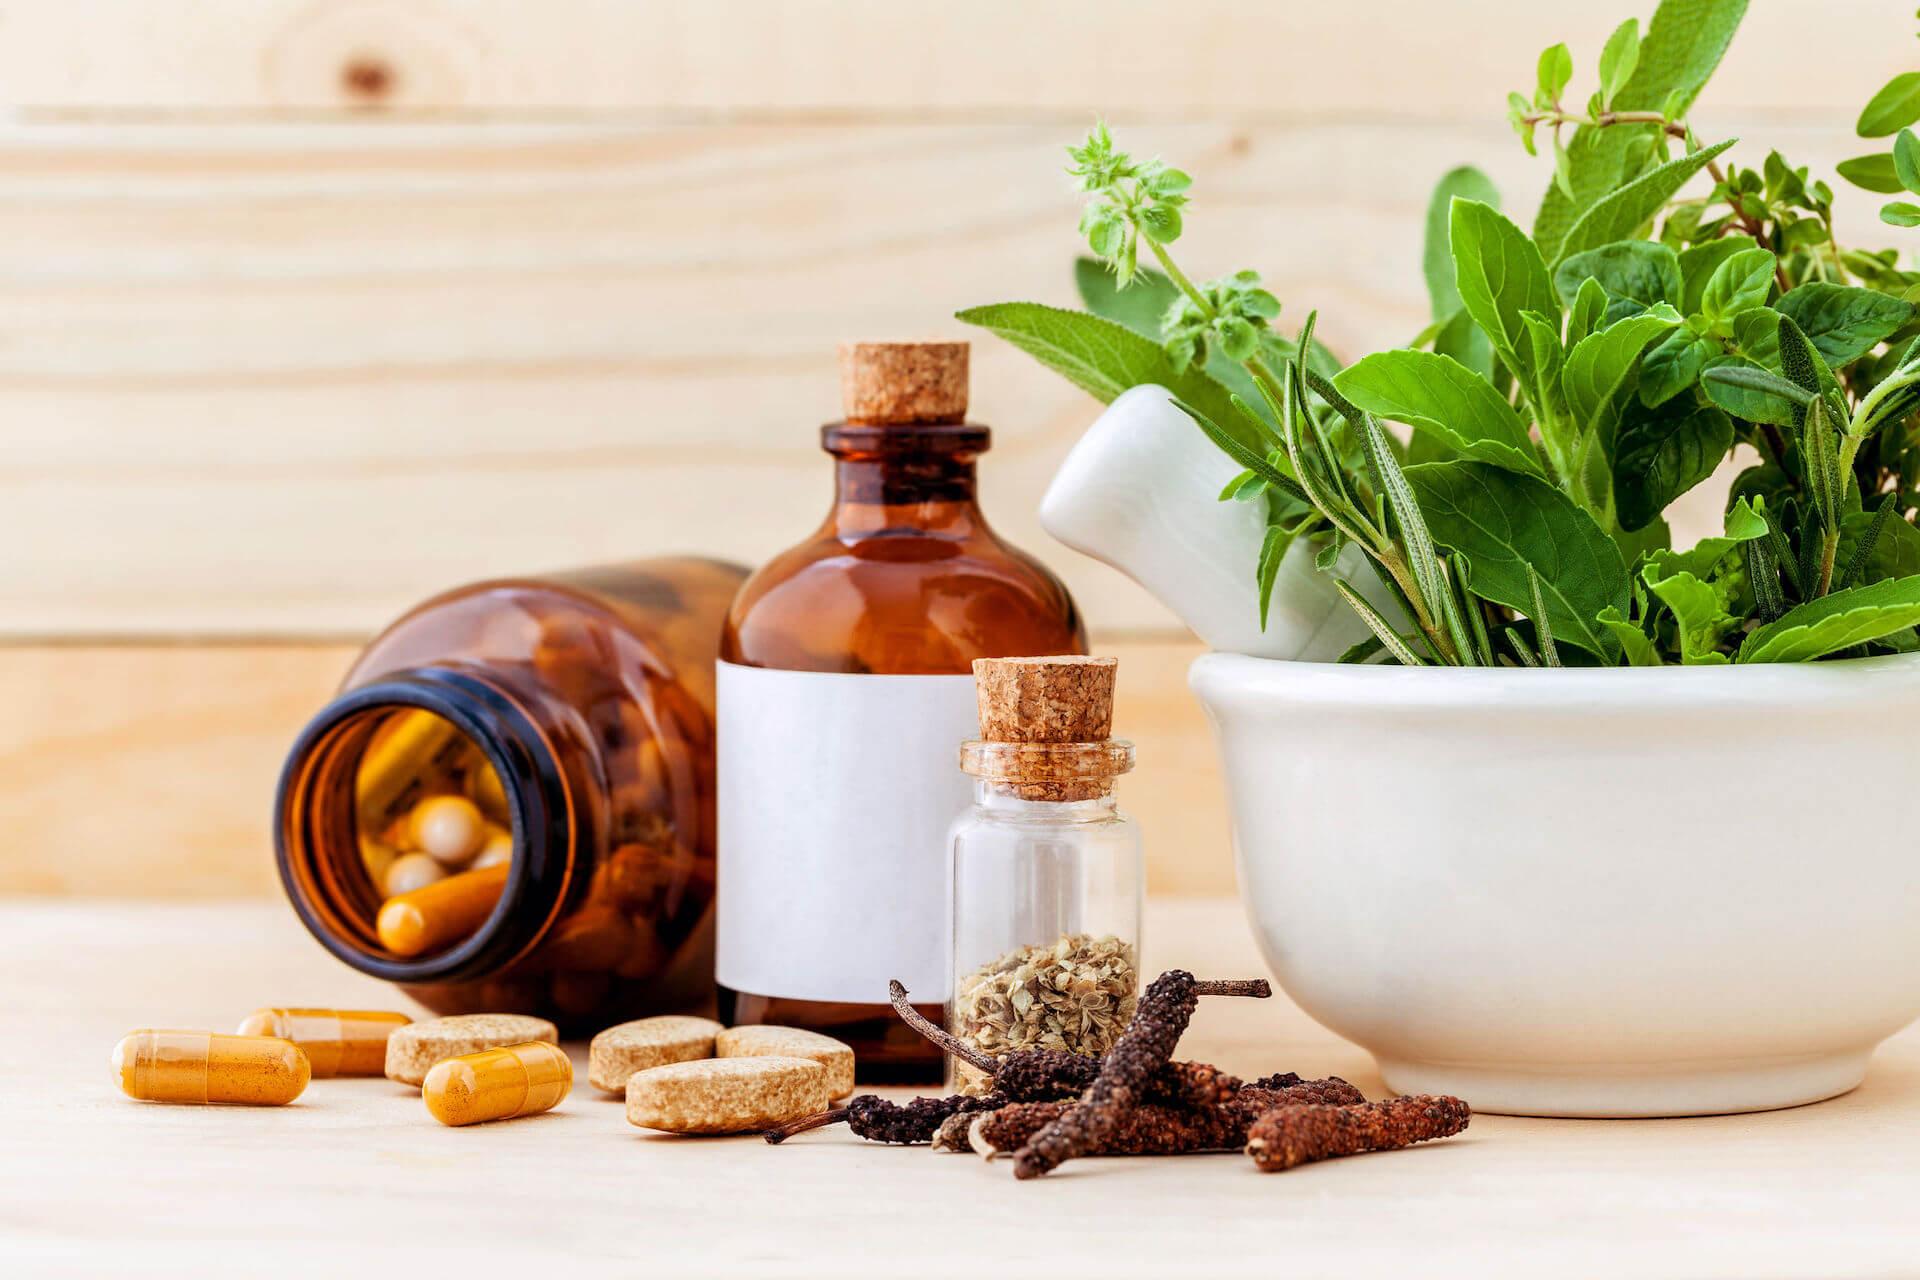 Fitosalus centar - fitoterapija - prirodno liječenje - aromaterapija ulje